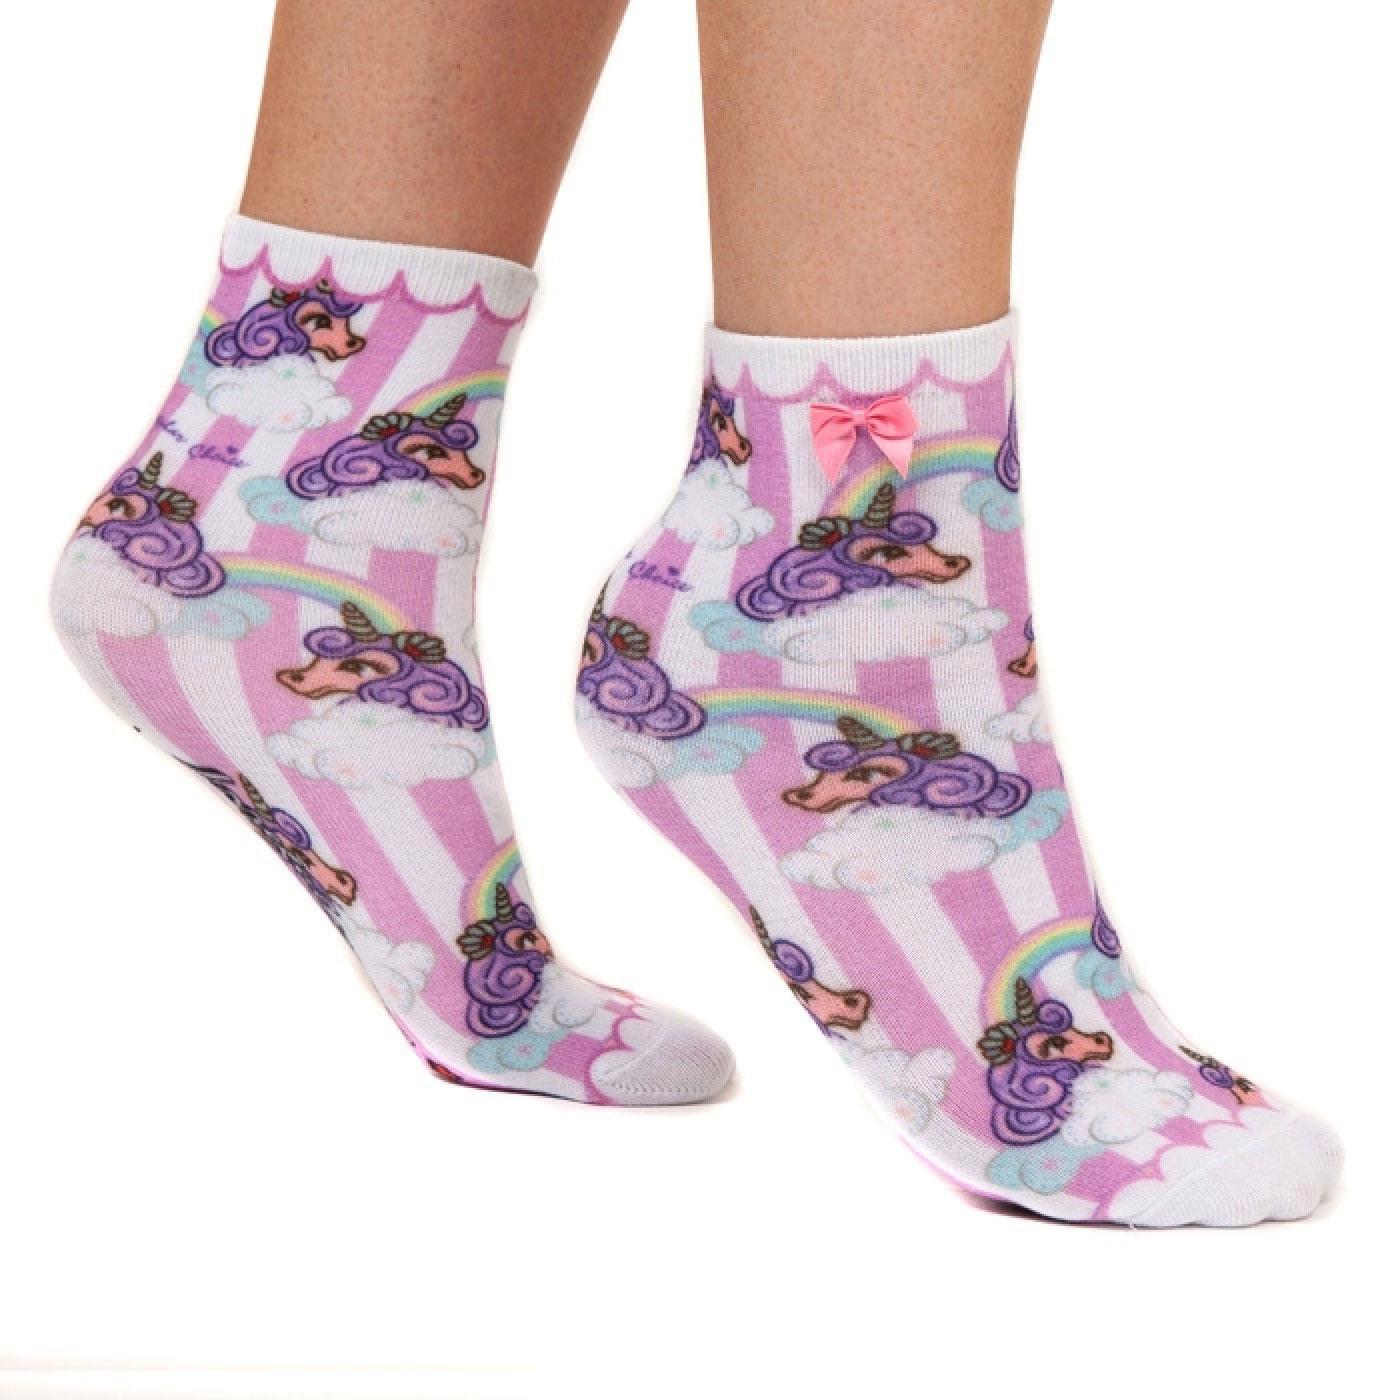 Lady Daisy IRREGULAR CHOICE Rainbow Ankle Socks